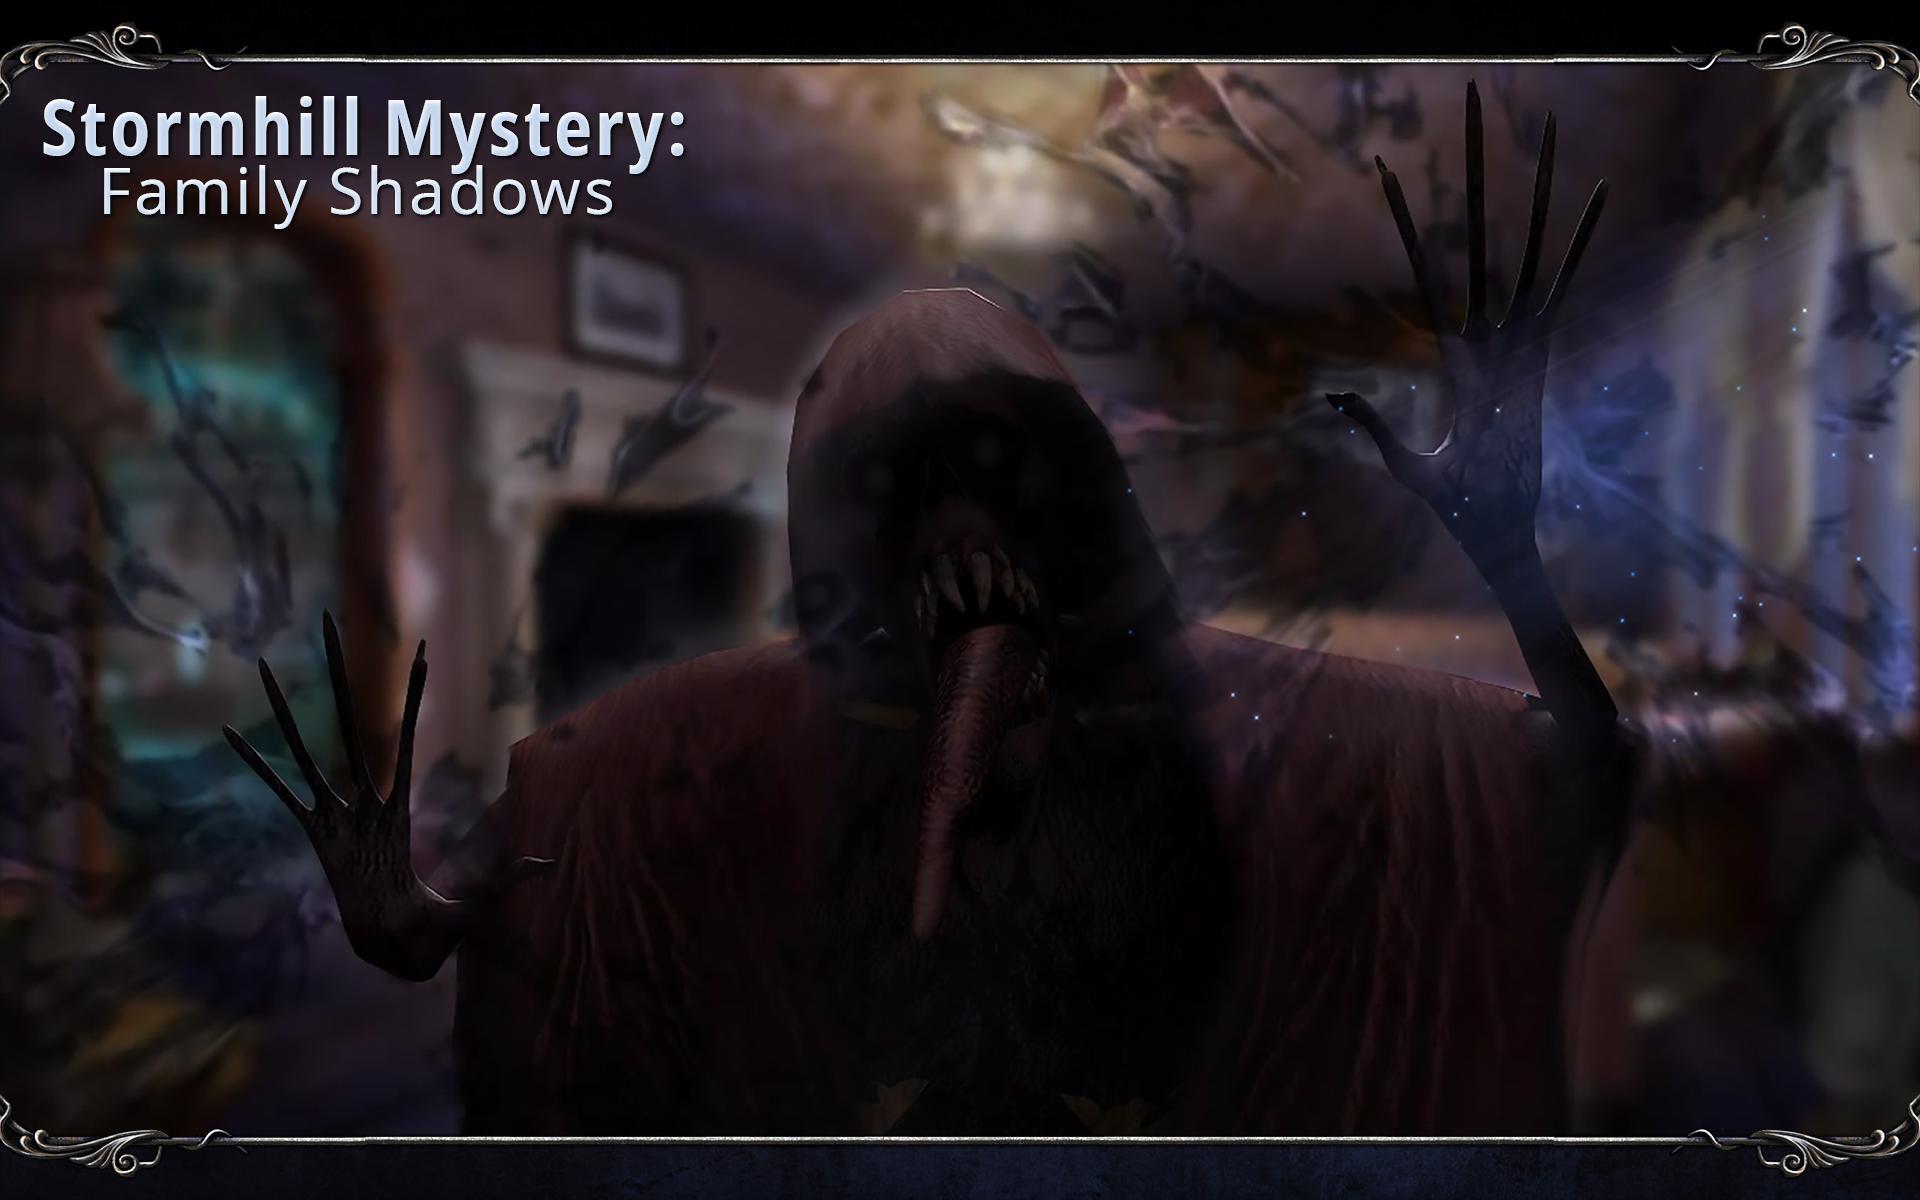 Stormhill Mystery: Family Shadows 1.1 Screenshot 17